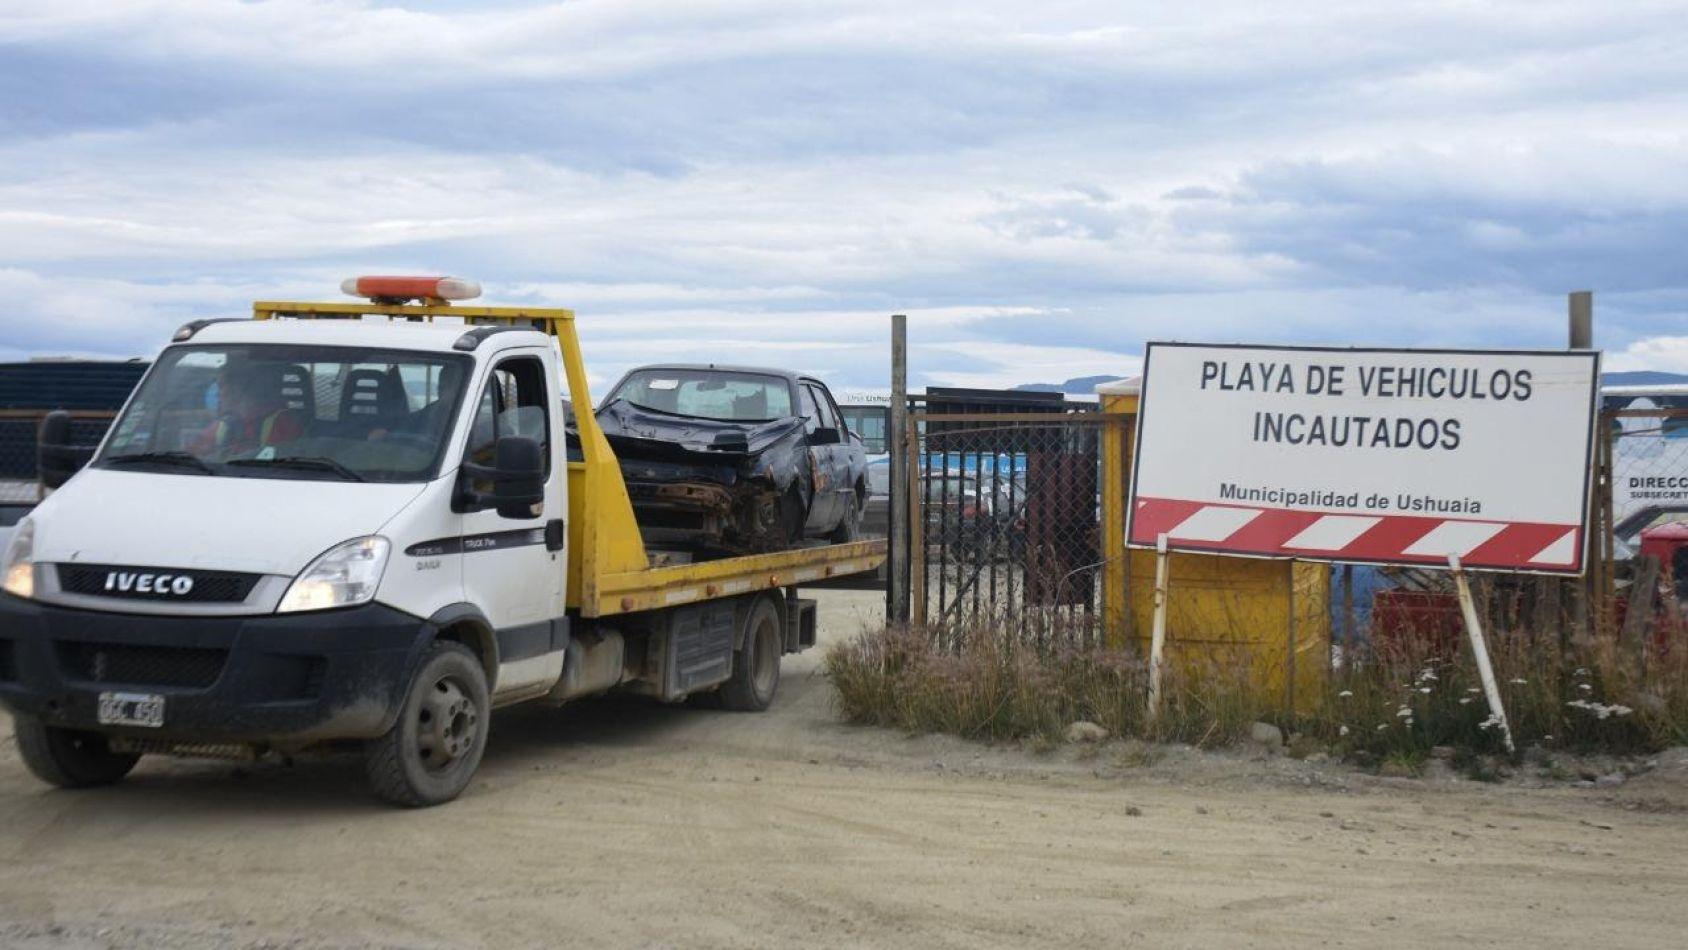 El municipio de Ushuaia traslada vehículos abandonados a la playa de Vito Dumas